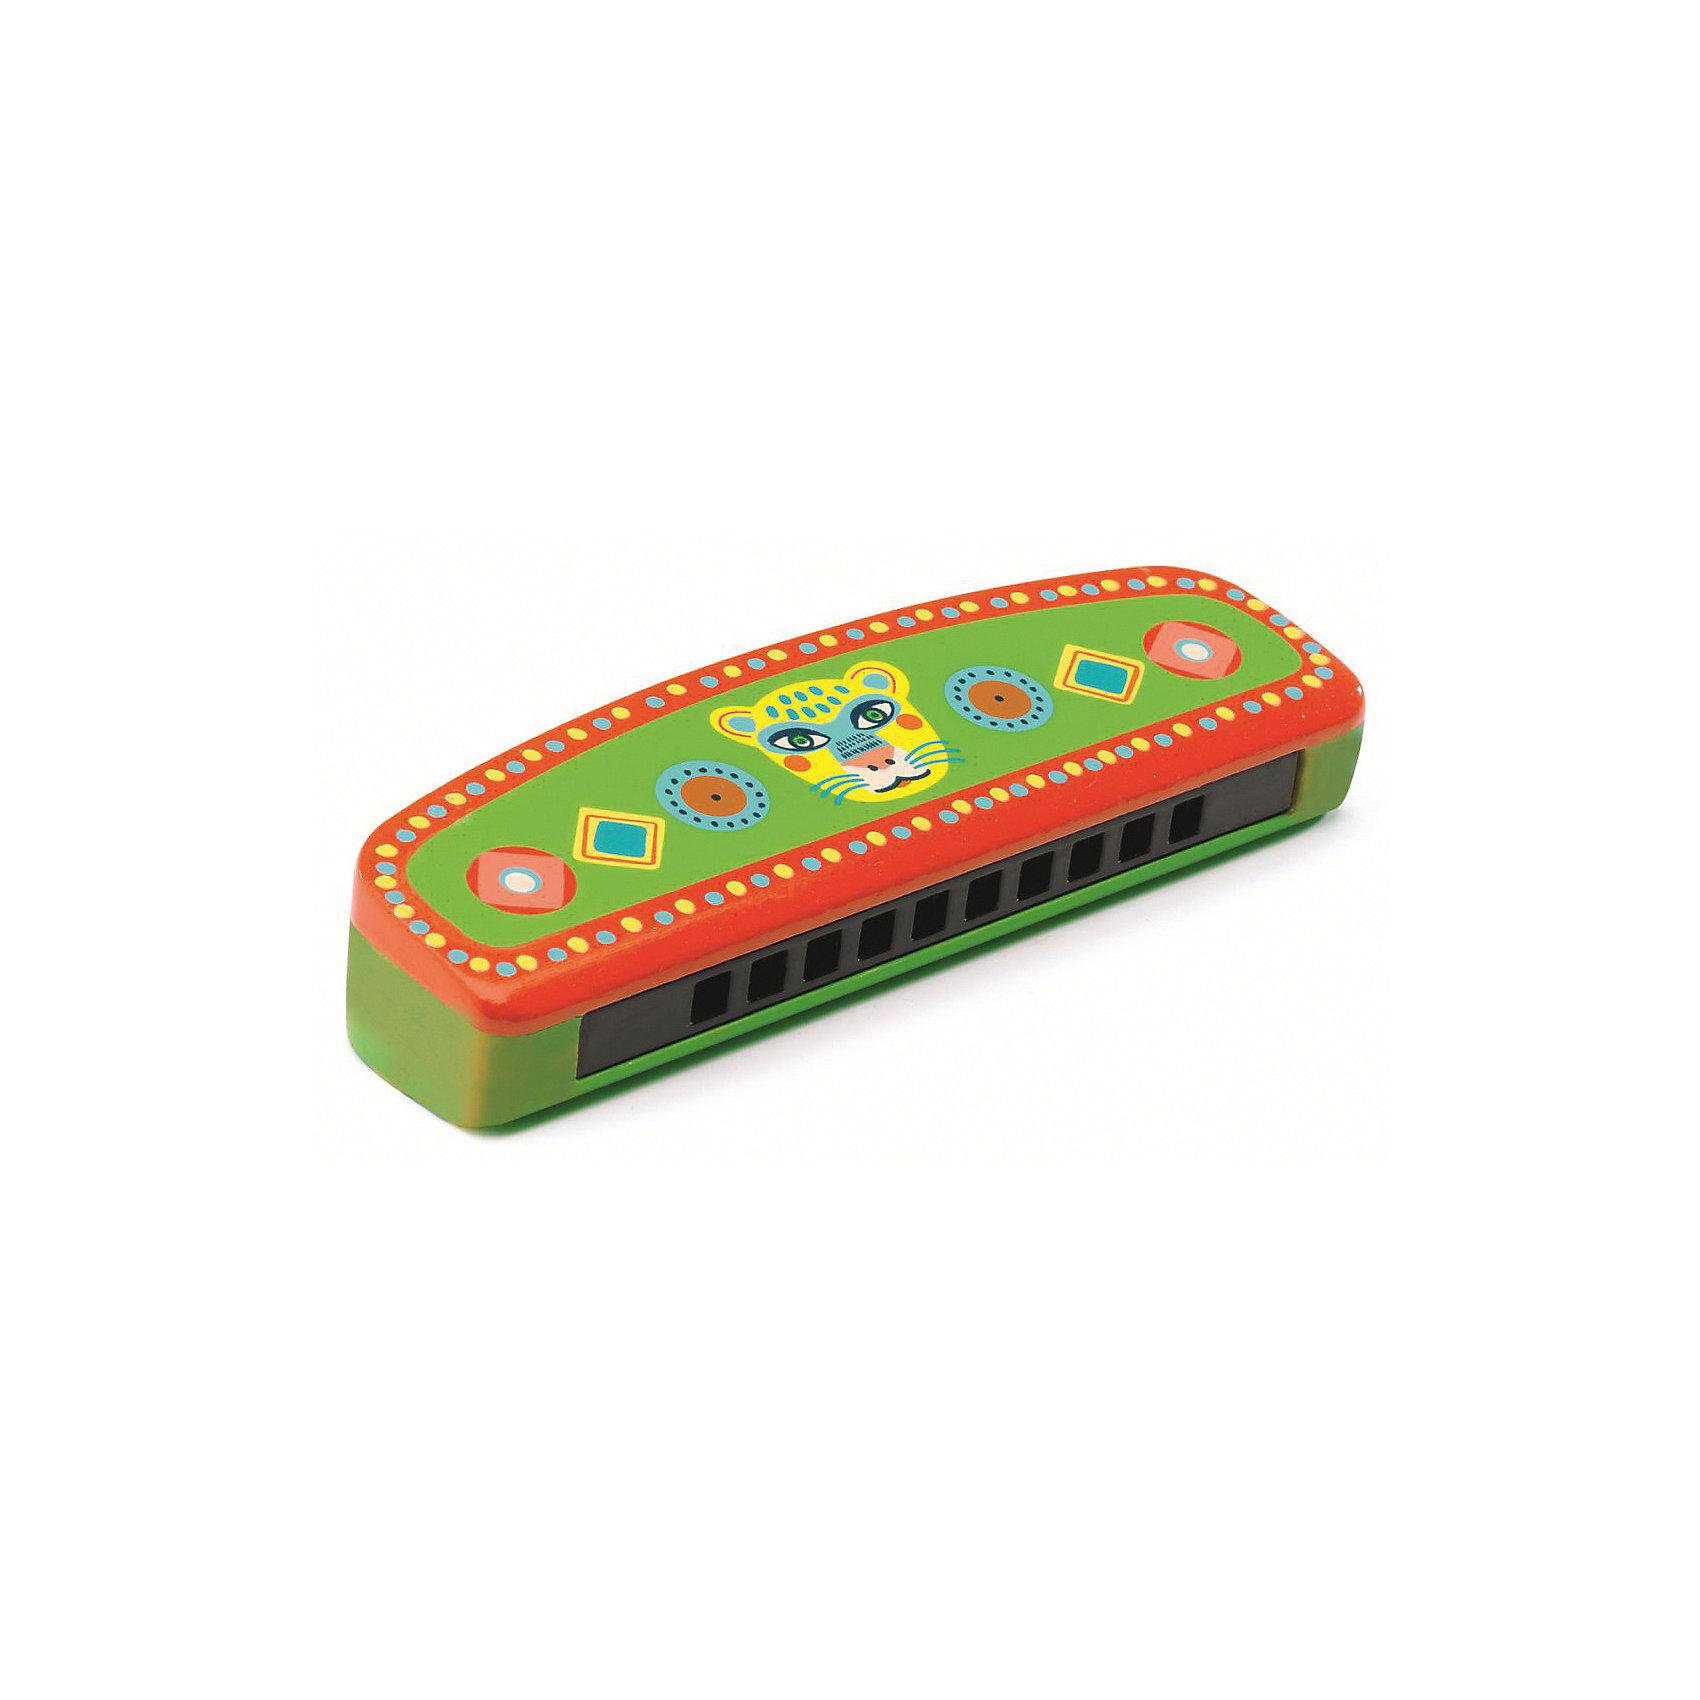 Игрушка Губная гармошка, DJECOДругие музыкальные инструменты<br>Чудесная губная гармошка, Djeco (Джеко), непременно понравится Вашему ребенку и поможет ему развить свои музыкальные способности. С ее помощью он будет придумывать собственные мелодии и музыкальные композиции. Игрушка выполнена в ярких, привлекательных цветах и украшена разноцветными узорами, имеет чистый мелодичный звук и удобный для маленьких детских ручек размер. Гармошка изготовлена из высококачественного дерева с использованием безопасных нетоксичных красок. Игра на губной гармошке способствует развитию чувства ритма, музыкального слуха и творческих способностей ребенка, тренирует мелкую моторику.<br><br>Дополнительная информация:<br><br>- Материал: дерево.<br>- Размер игрушки: 15,4 х 4,3 х 2,5 см.<br>- Размер упаковки: 13 х 13 х 15,5 см.<br>- Вес: 80 гр.<br><br>Губную гармошку, Djeco (Джеко), можно купить в нашем магазине.<br><br>Ширина мм: 40<br>Глубина мм: 280<br>Высота мм: 10<br>Вес г: 80<br>Возраст от месяцев: 36<br>Возраст до месяцев: 72<br>Пол: Унисекс<br>Возраст: Детский<br>SKU: 4215023